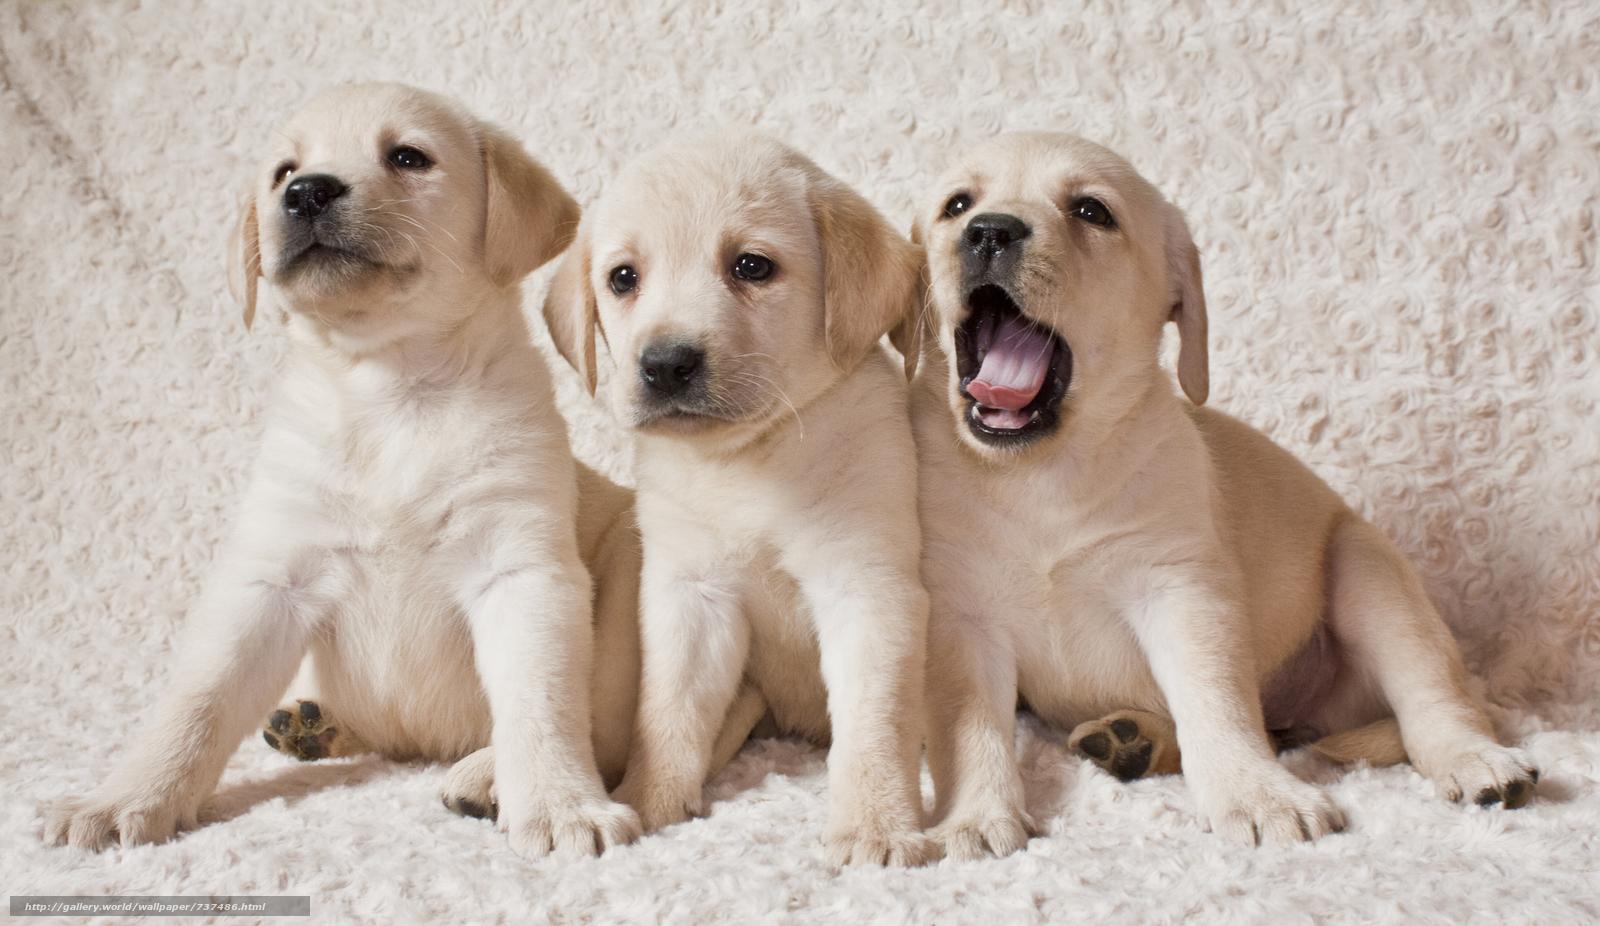 Labrador puppies, Labrador, Labrador Puppies, puppies, dogs, dog